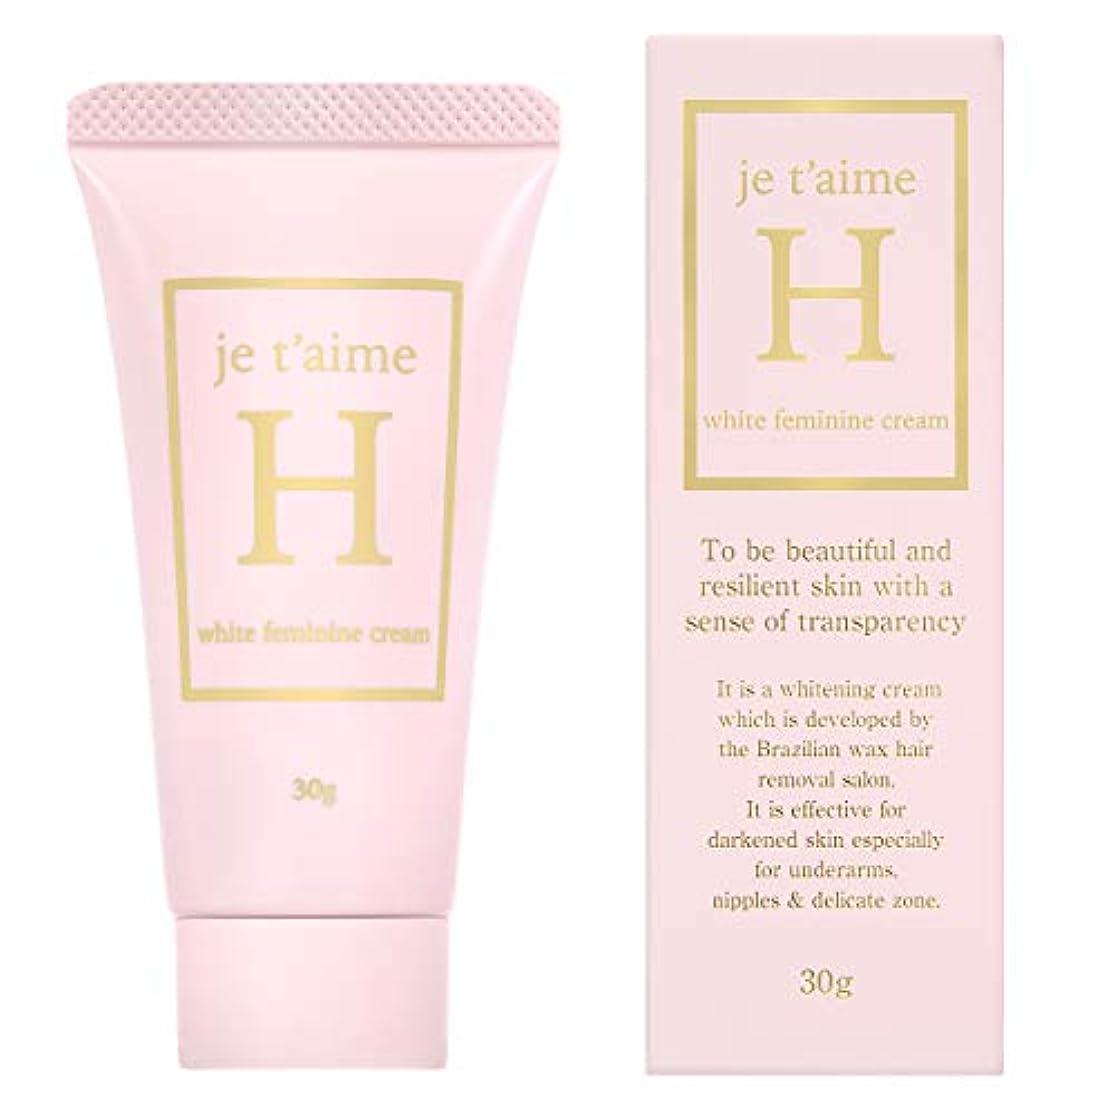 散る体系的にフォークジュテームH ホワイトフェミニンクリーム (毛穴黒ずみ用クリーム)30g je t'aime H white feminine cream